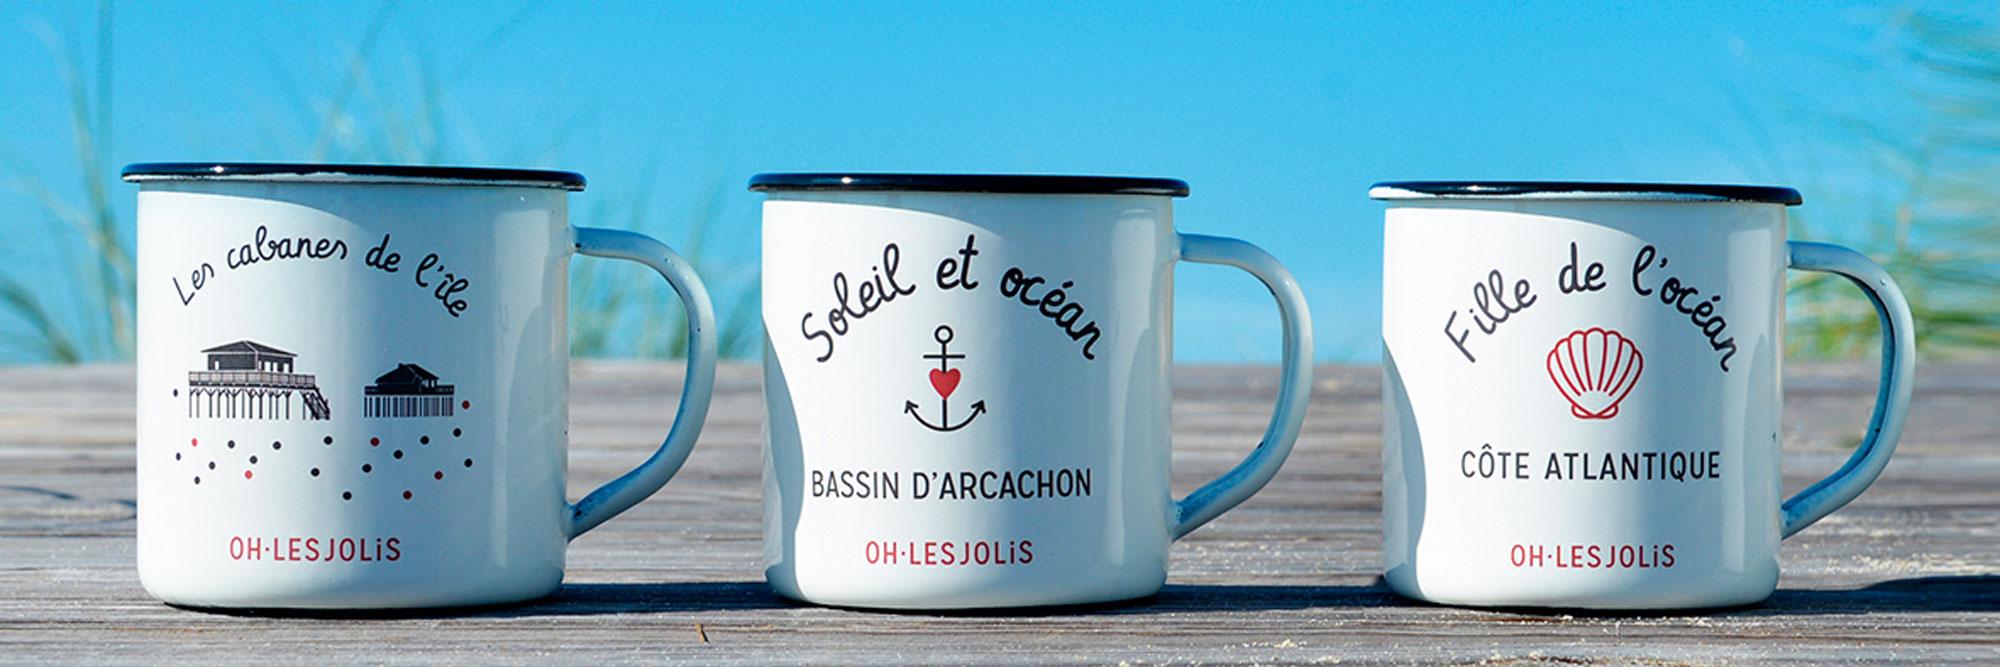 Oh Les Jolis Bassin Arcachon mode décoration français souvenirs coton biologique t-shirt amis couple cadeaux environnement mugs basque plage été fun mignon beach